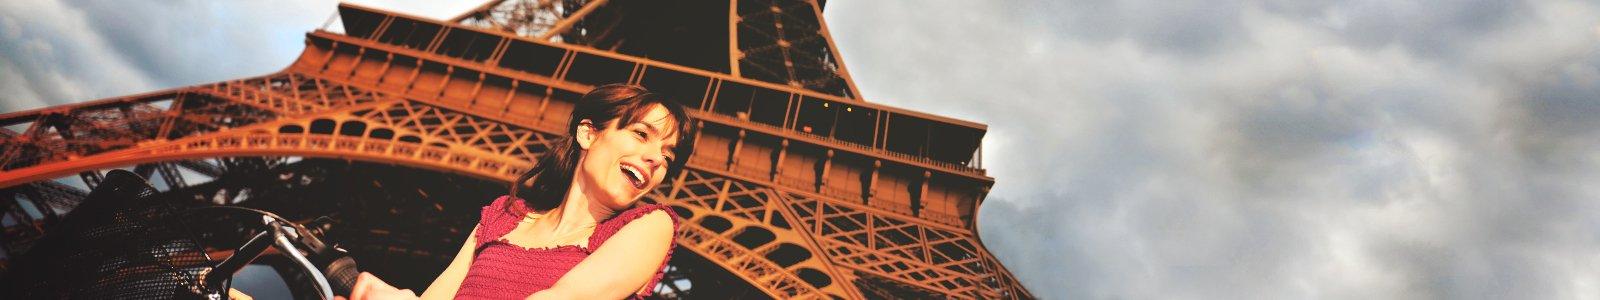 Eiffeltoren in Parijs © iStockphoto.com/EHStock